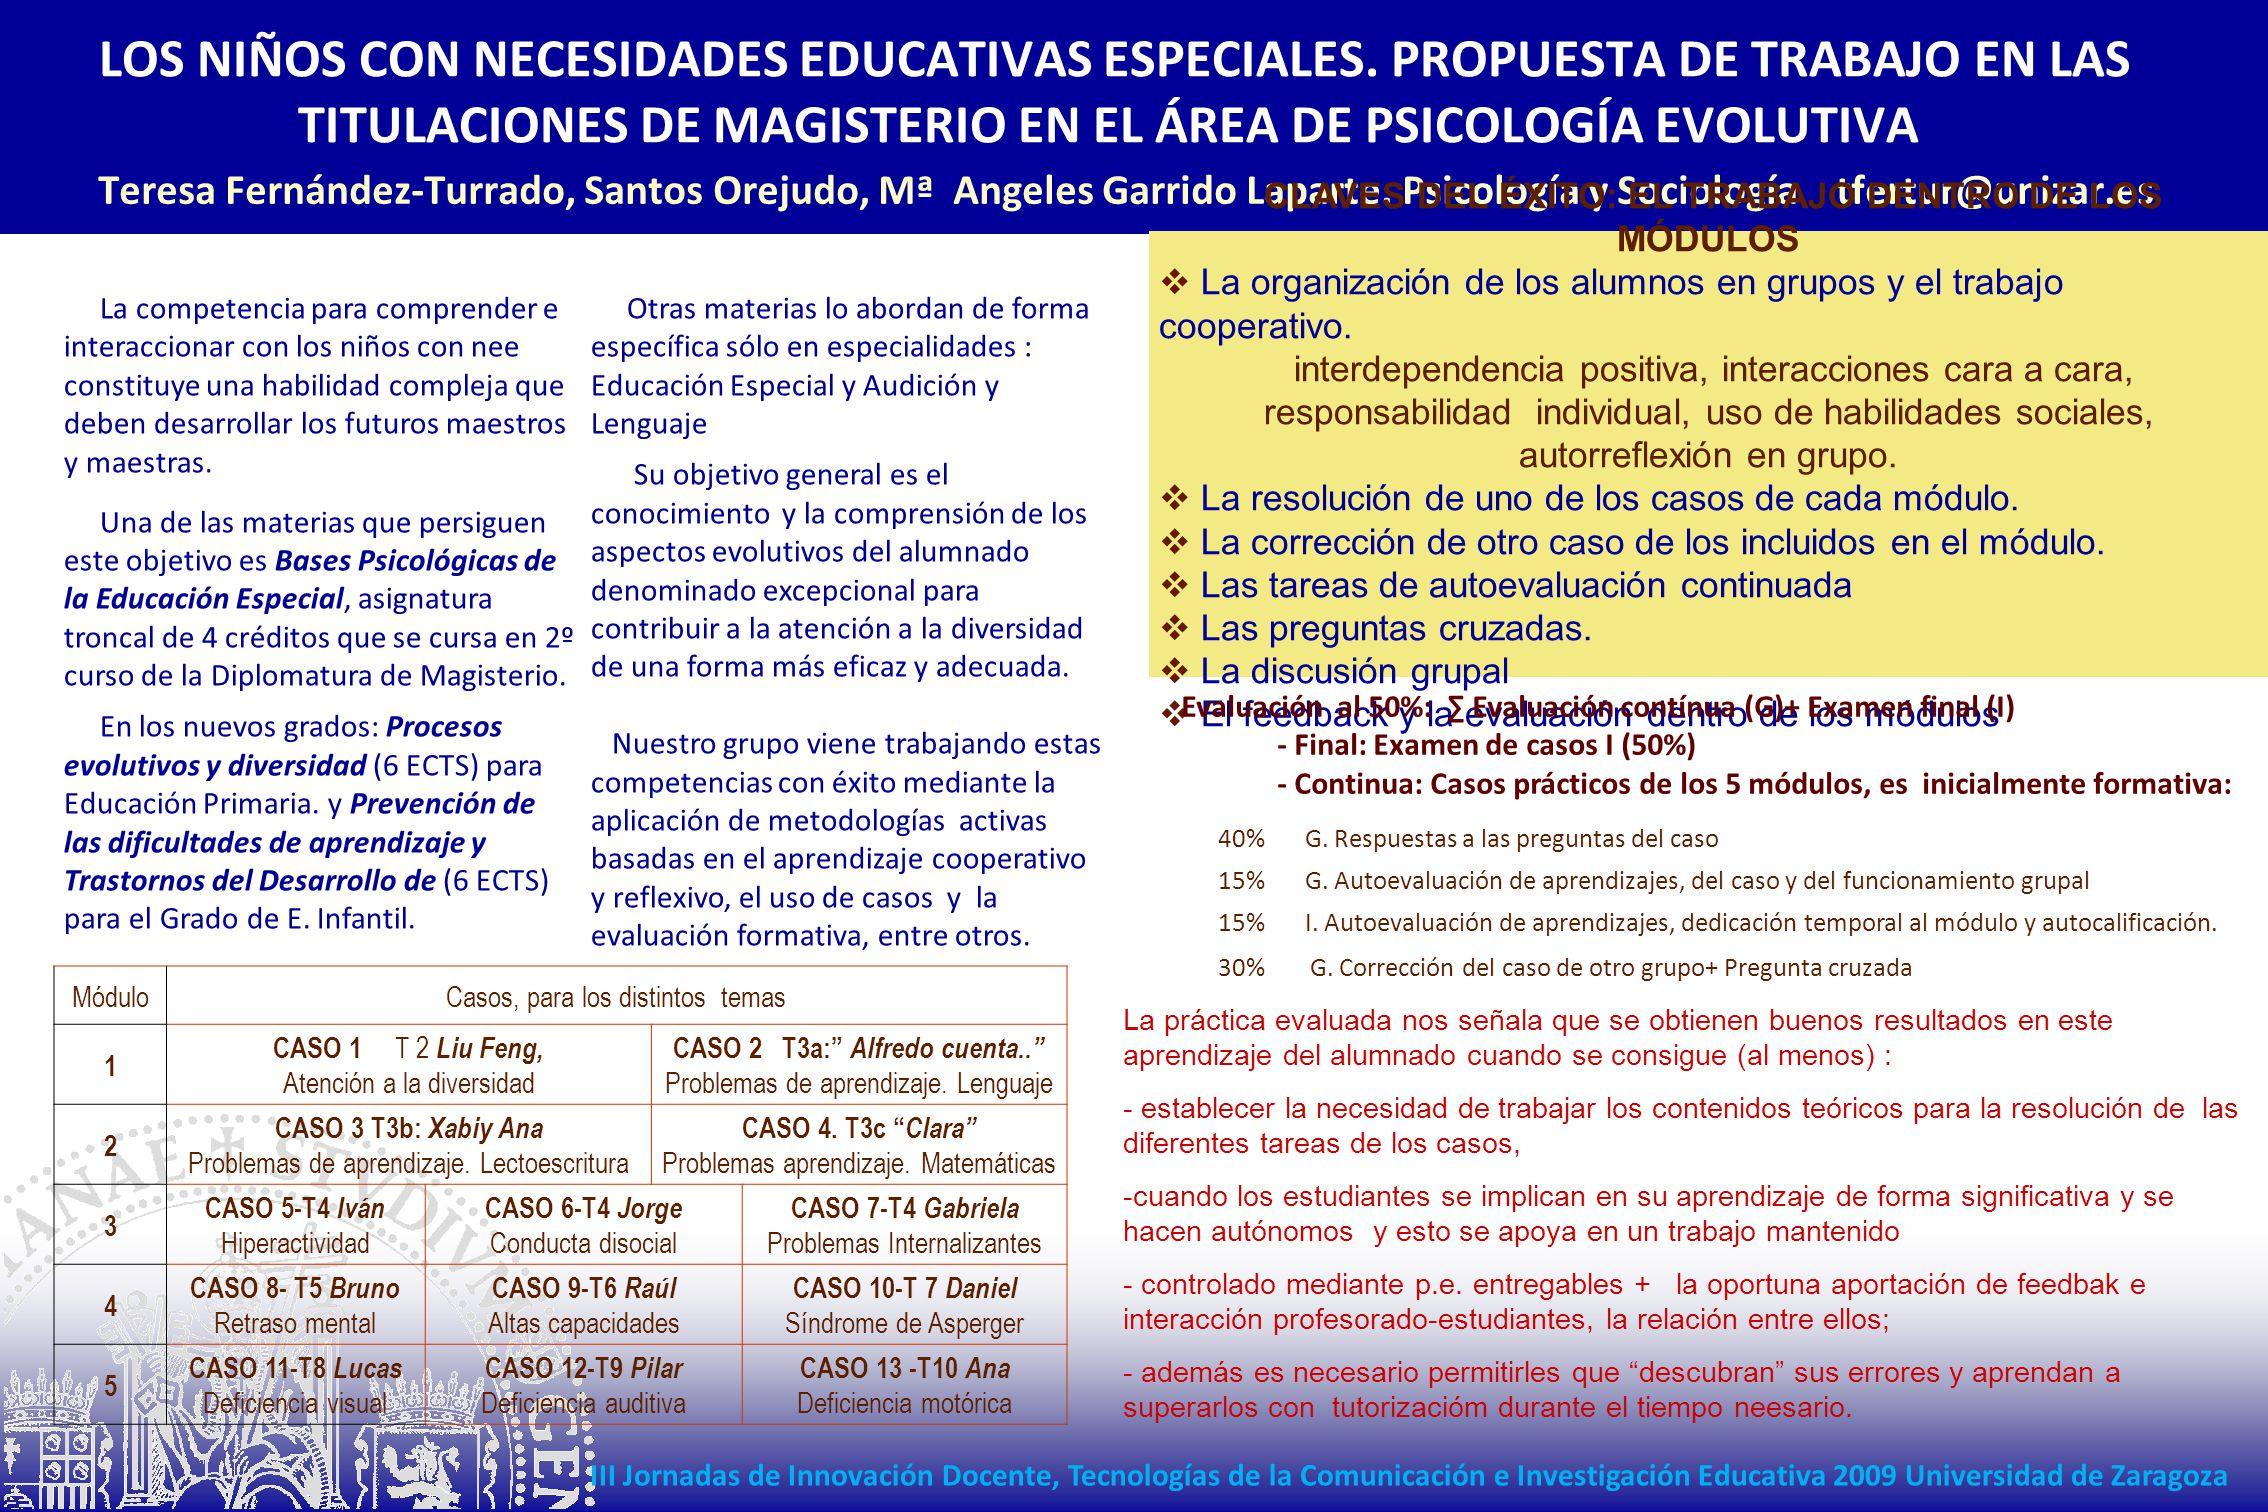 LOS NIÑOS CON NECESIDADES EDUCATIVAS ESPECIALES.